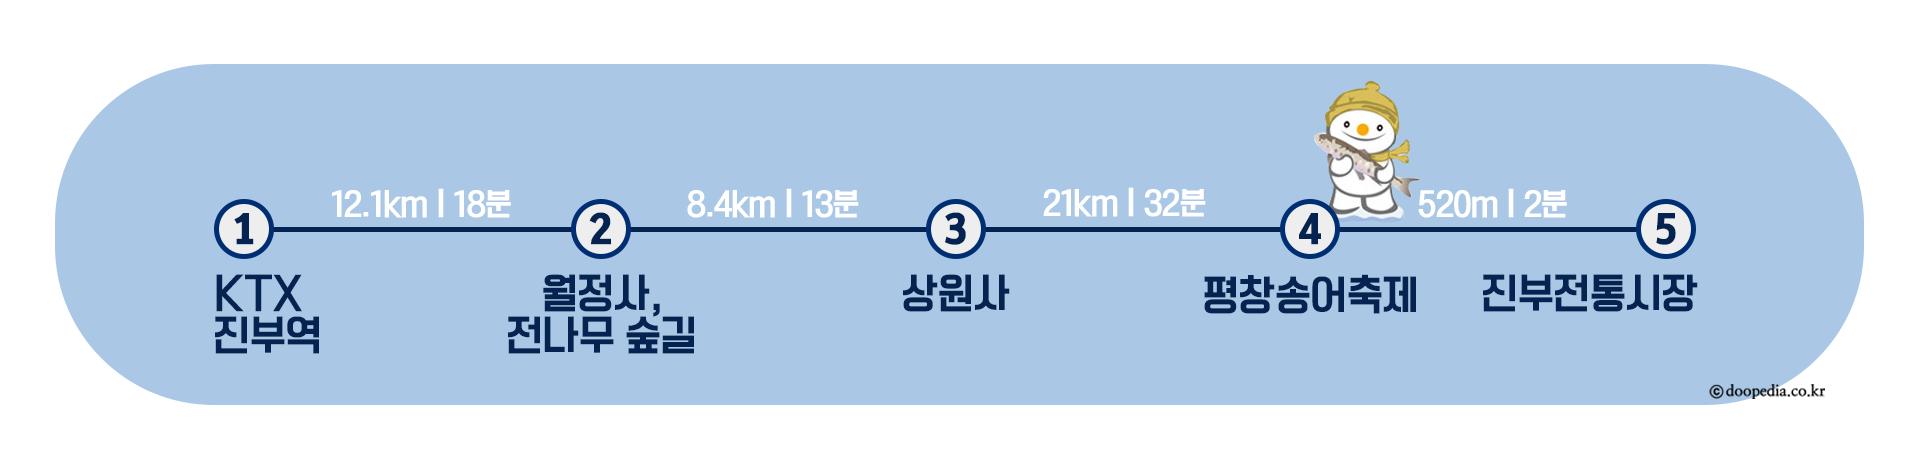 평창)여행코스_경로표시_진부면(워터마크O).png